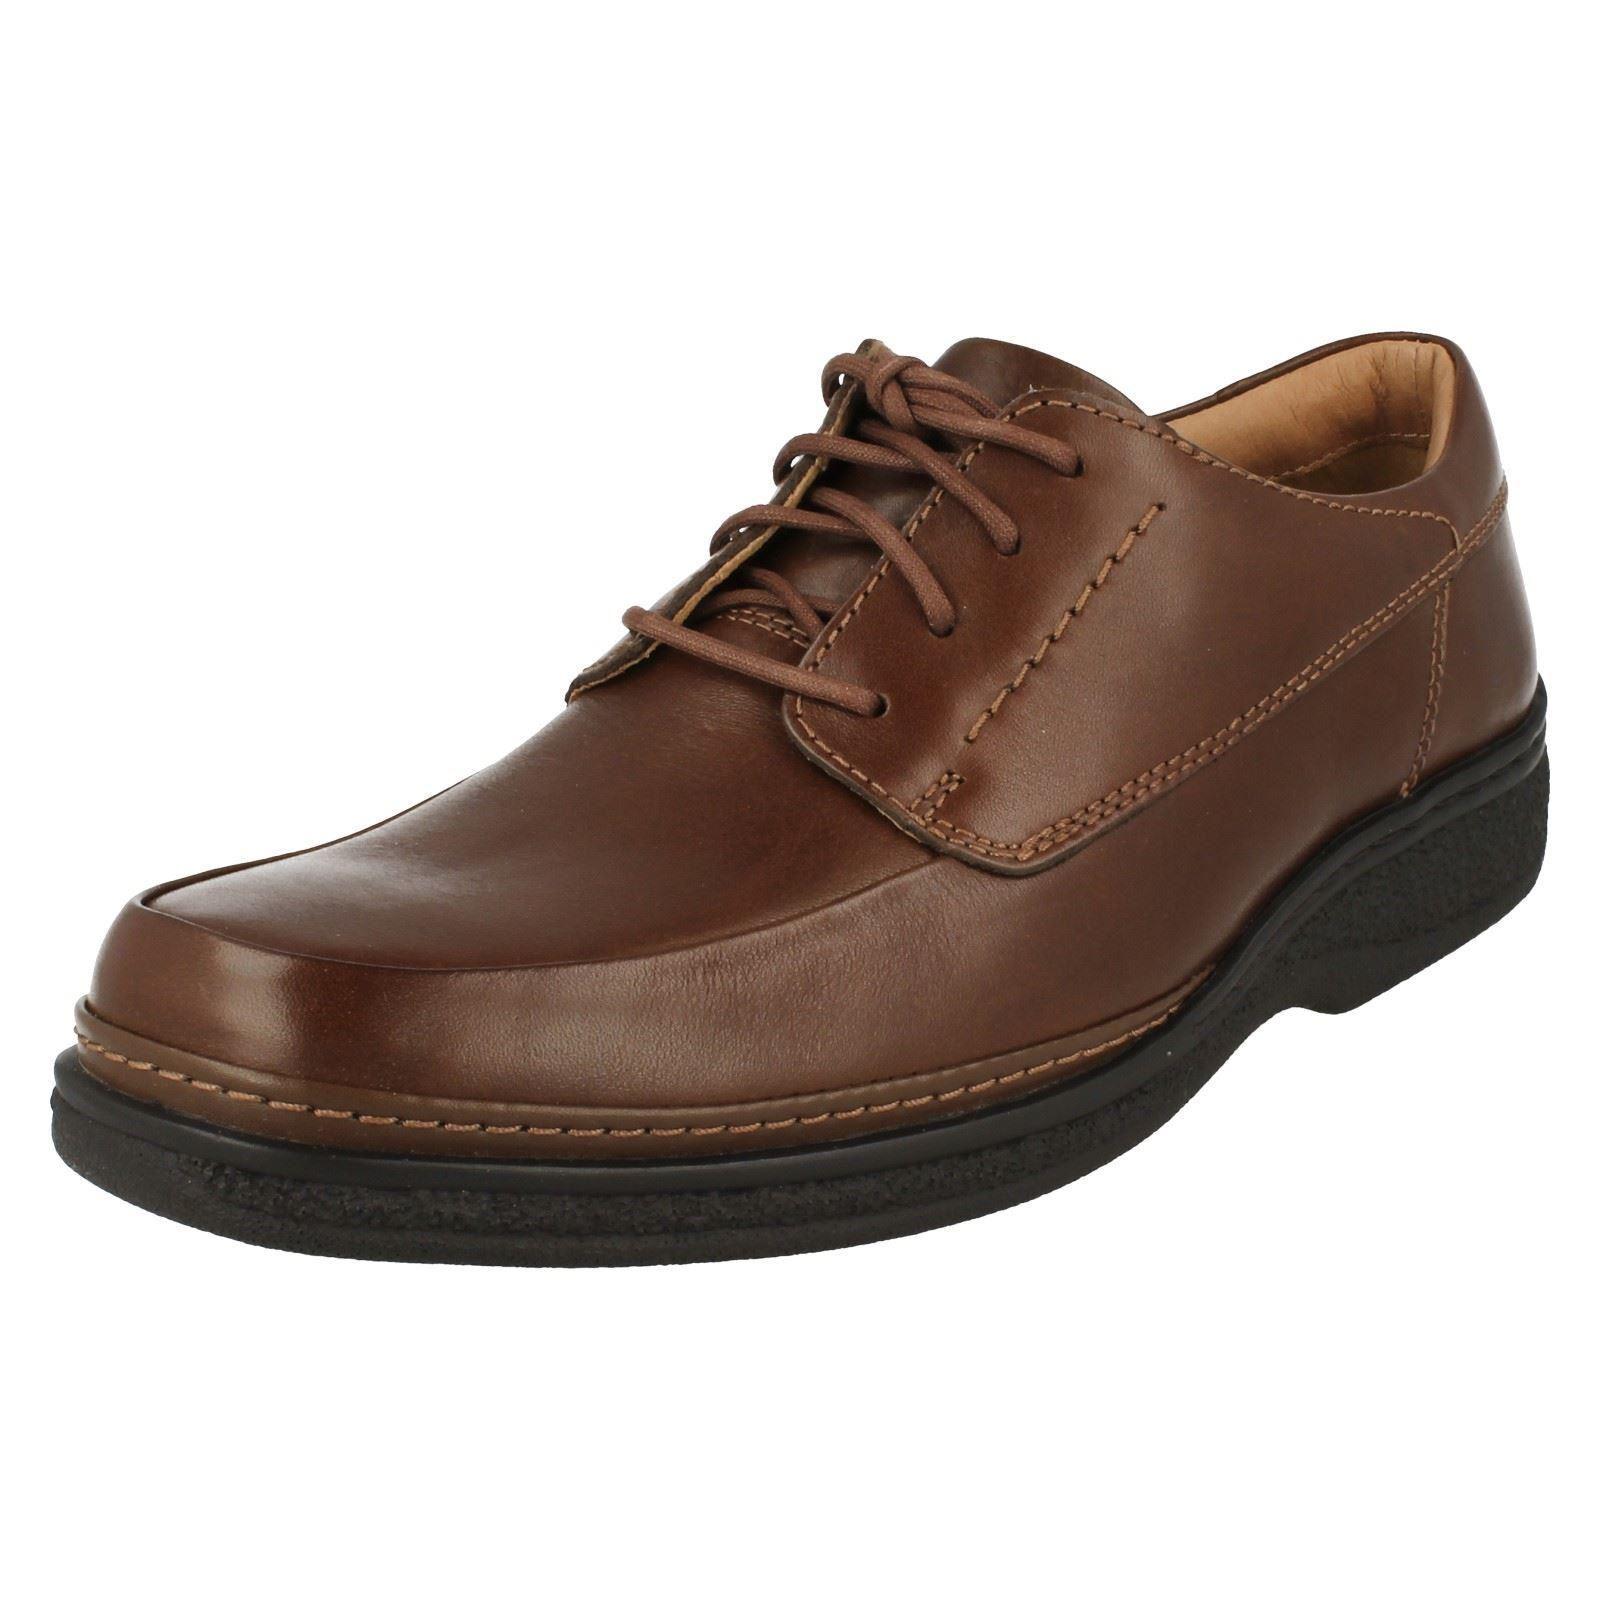 Clarks Stonehill Pace Uomo Marrone Pelle Con Lacci Scarpa Ampio RACCORDO H (38B) (Kett Scarpe classiche da uomo